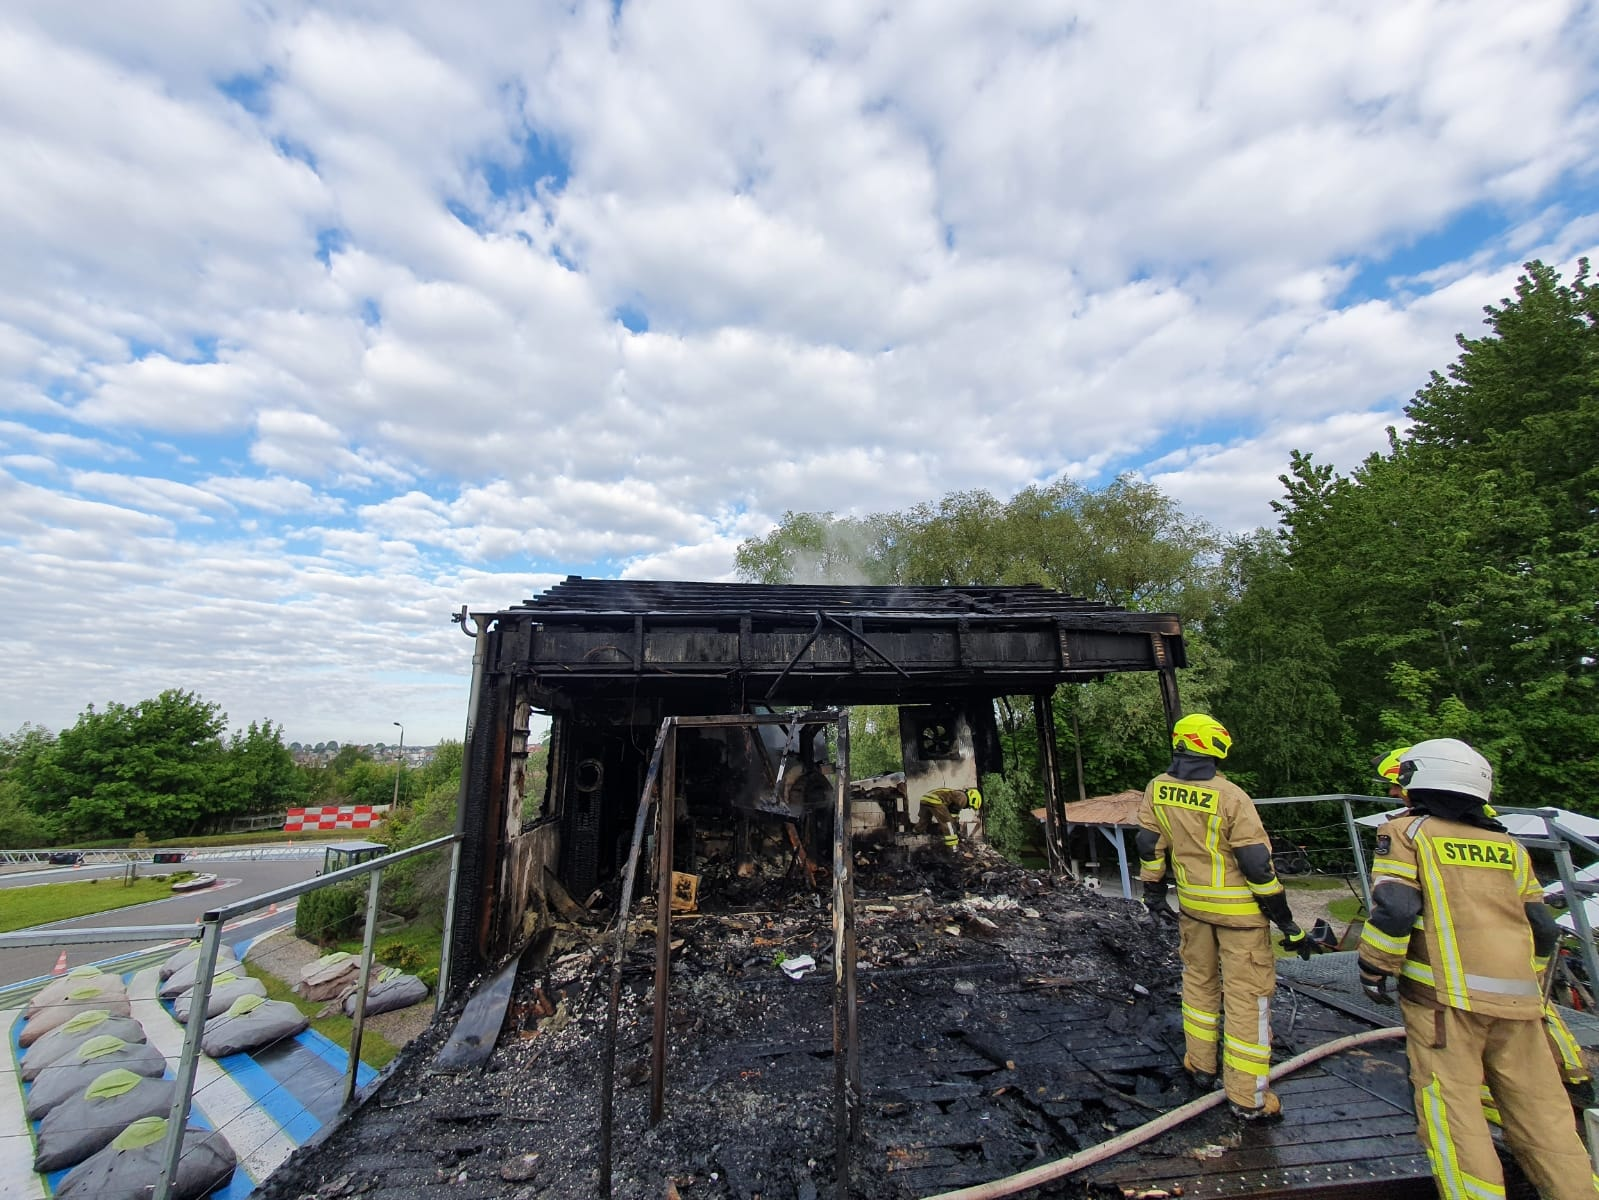 Władysławowo. Pożar na torze gokartów. Spłonęła restauracja na ul. Starowiejskiej | ZDJĘCIA